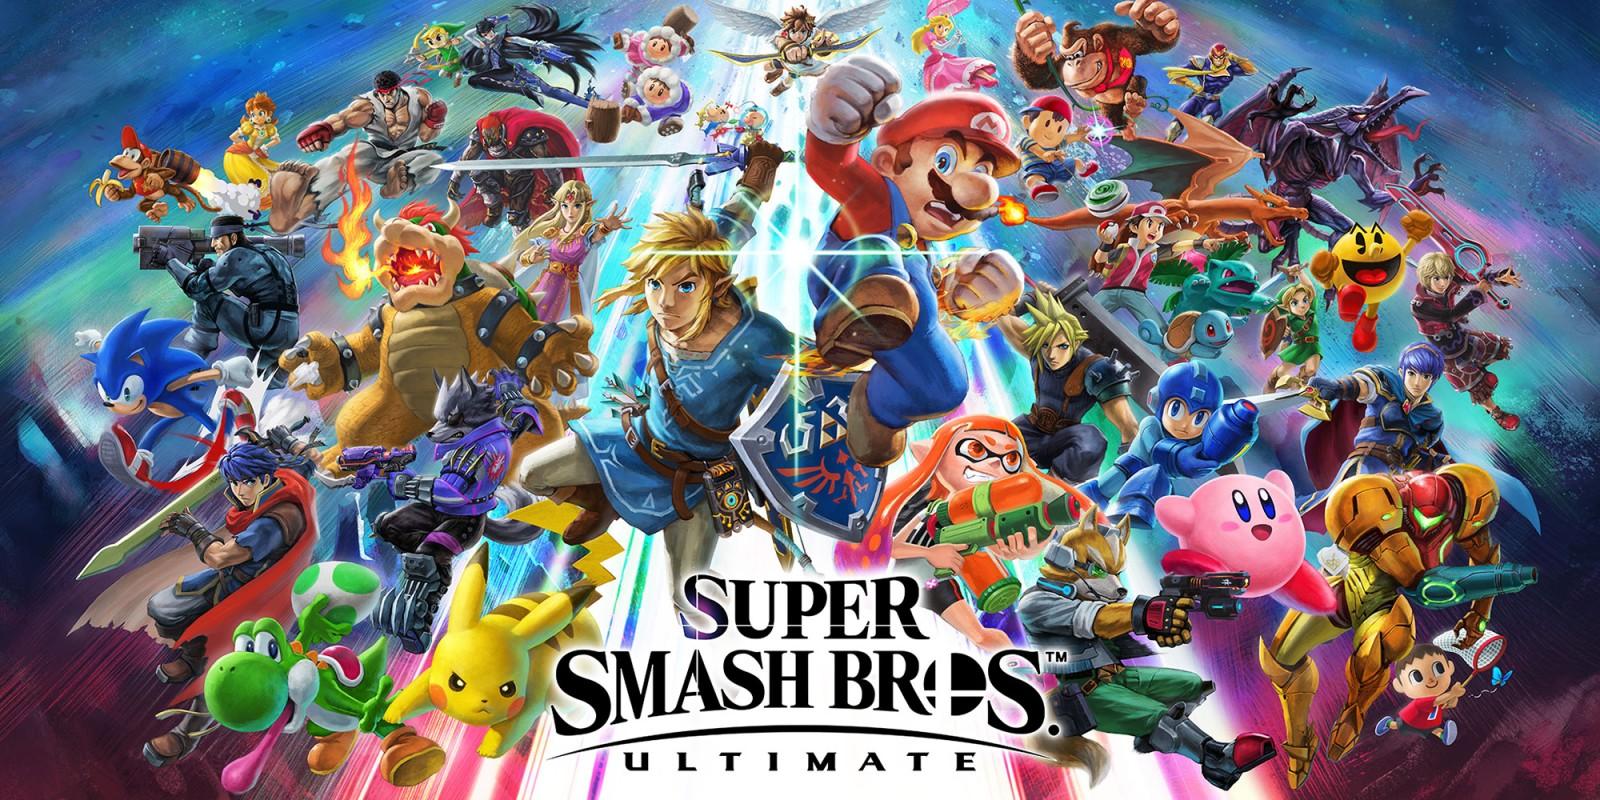 Super Smash Bro Ultimate